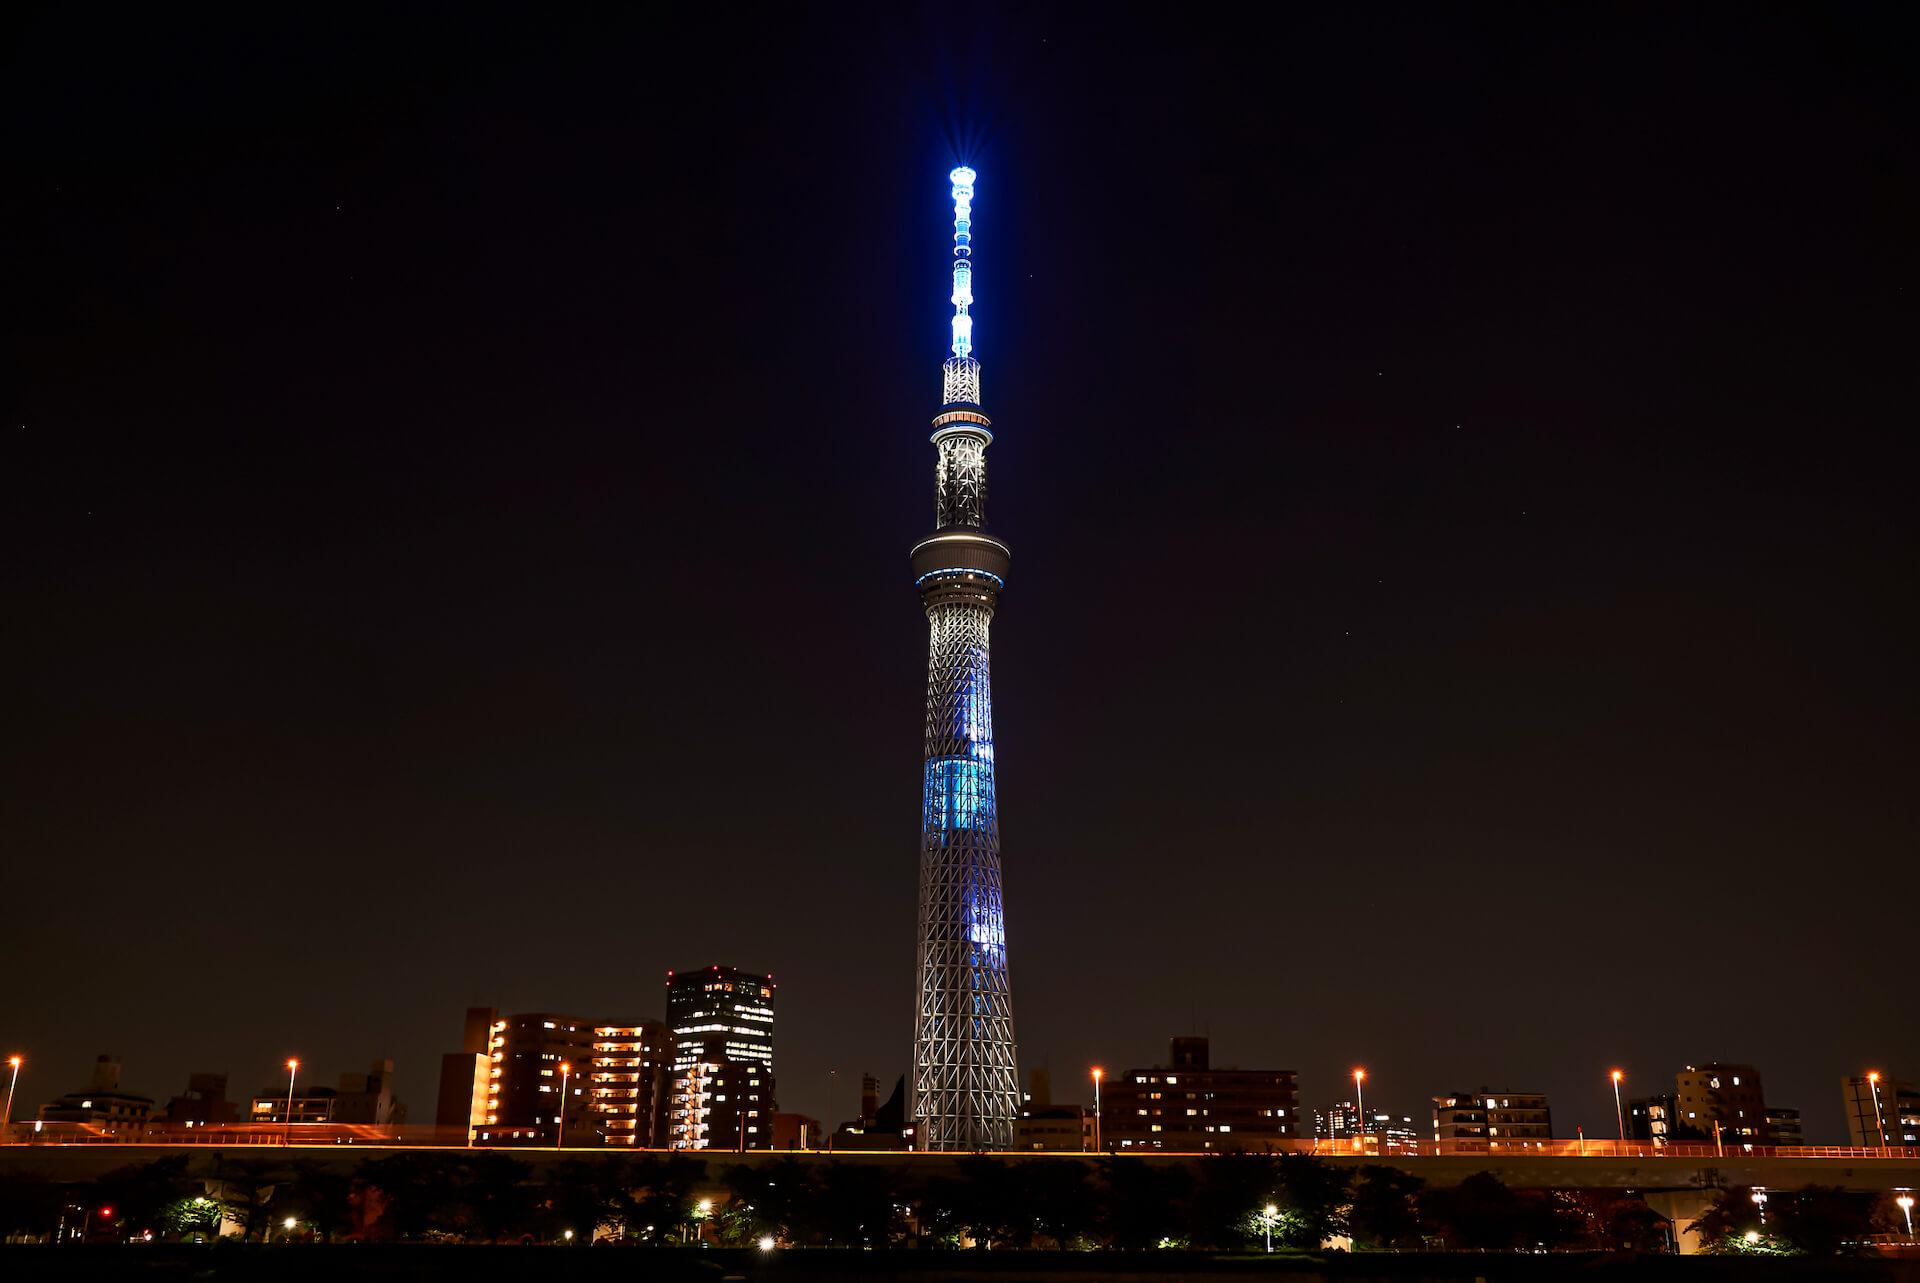 米津玄師ニューシングル『Pale Blue』発売記念で東京スカイツリーの特別ライティング&展望台でのMV上映が決定! music210611_yonezukenshi_4